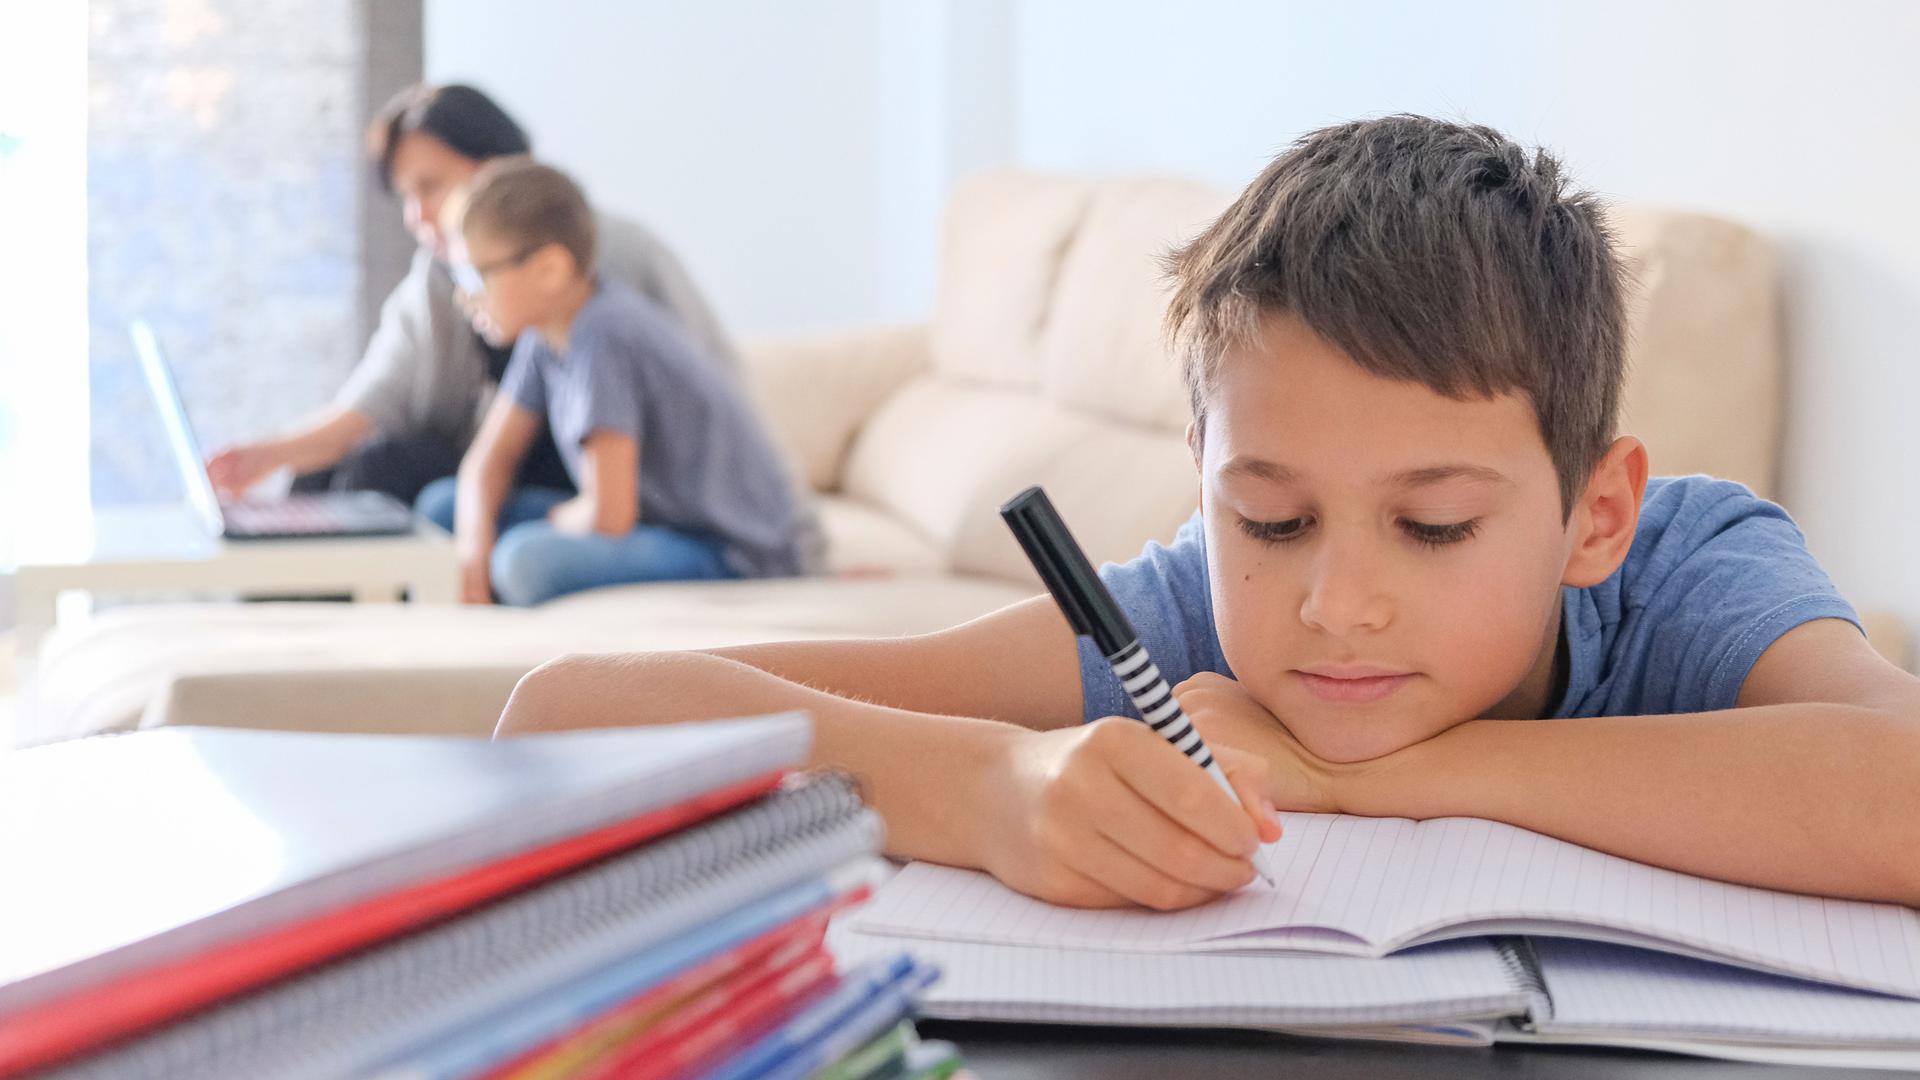 Eigenständiges Lernen ist Trumpf: Kinder sollten auch im Homeschooling selbstständig ihre Aufgaben lösen, rät die Lerntherapeutin Birgit Ebbert. Eltern sollten notwendige Starthilfe geben, aber sich dann im Hintergrund halten.